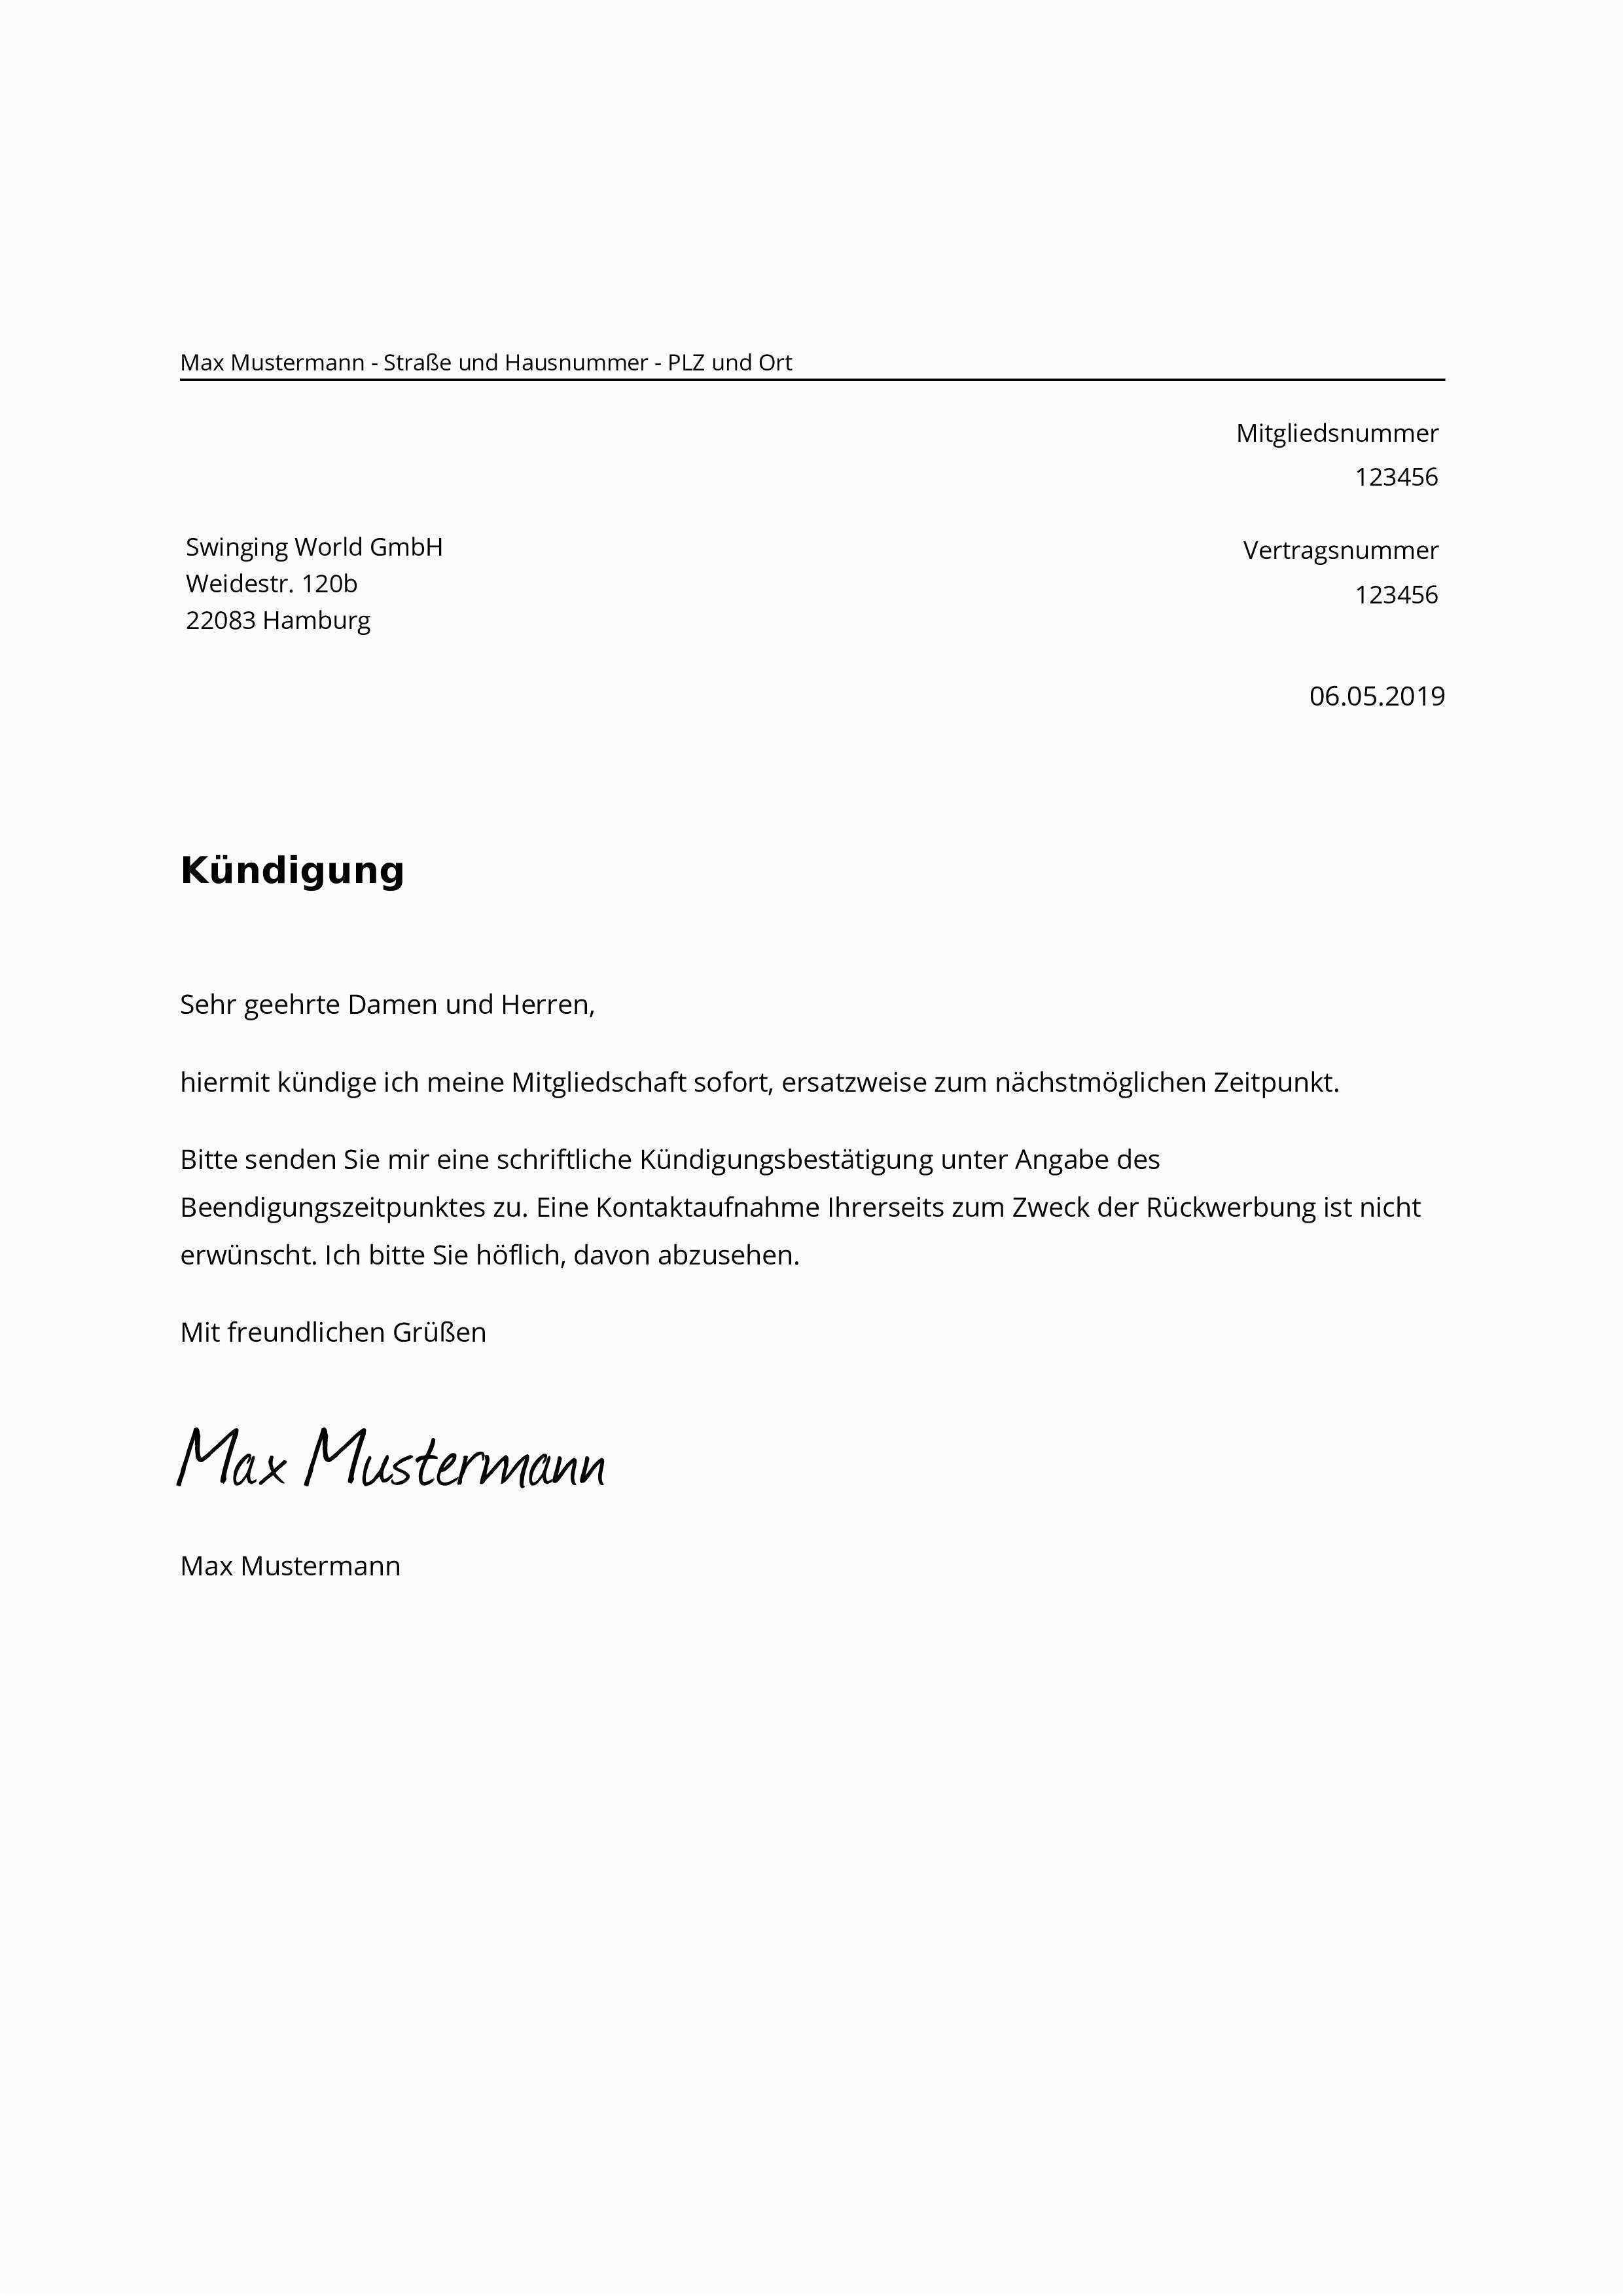 Qualifiziert Hausarztvertrag Kundigen Vorlage Vorlagen Lebenslauf Lebenslauf Kundigung